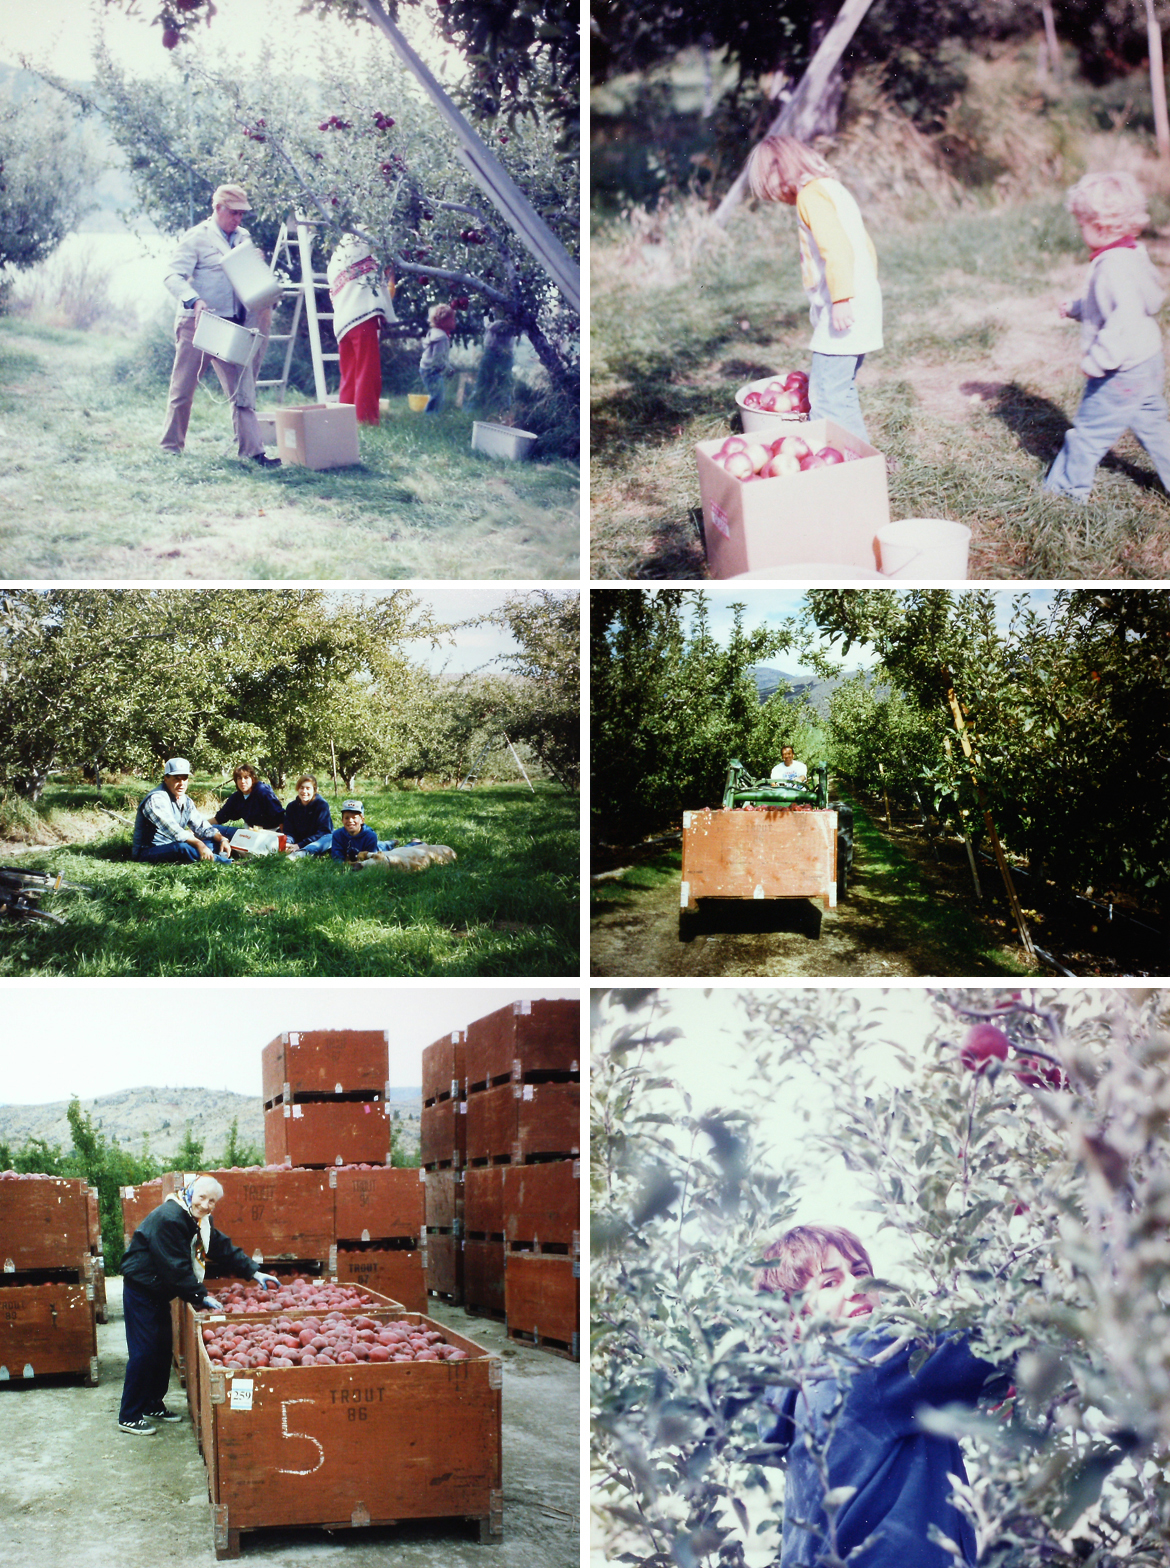 Lake Chelan Winery, Kludt Family Winery, lake chelan wine, things to do in lake chelan,